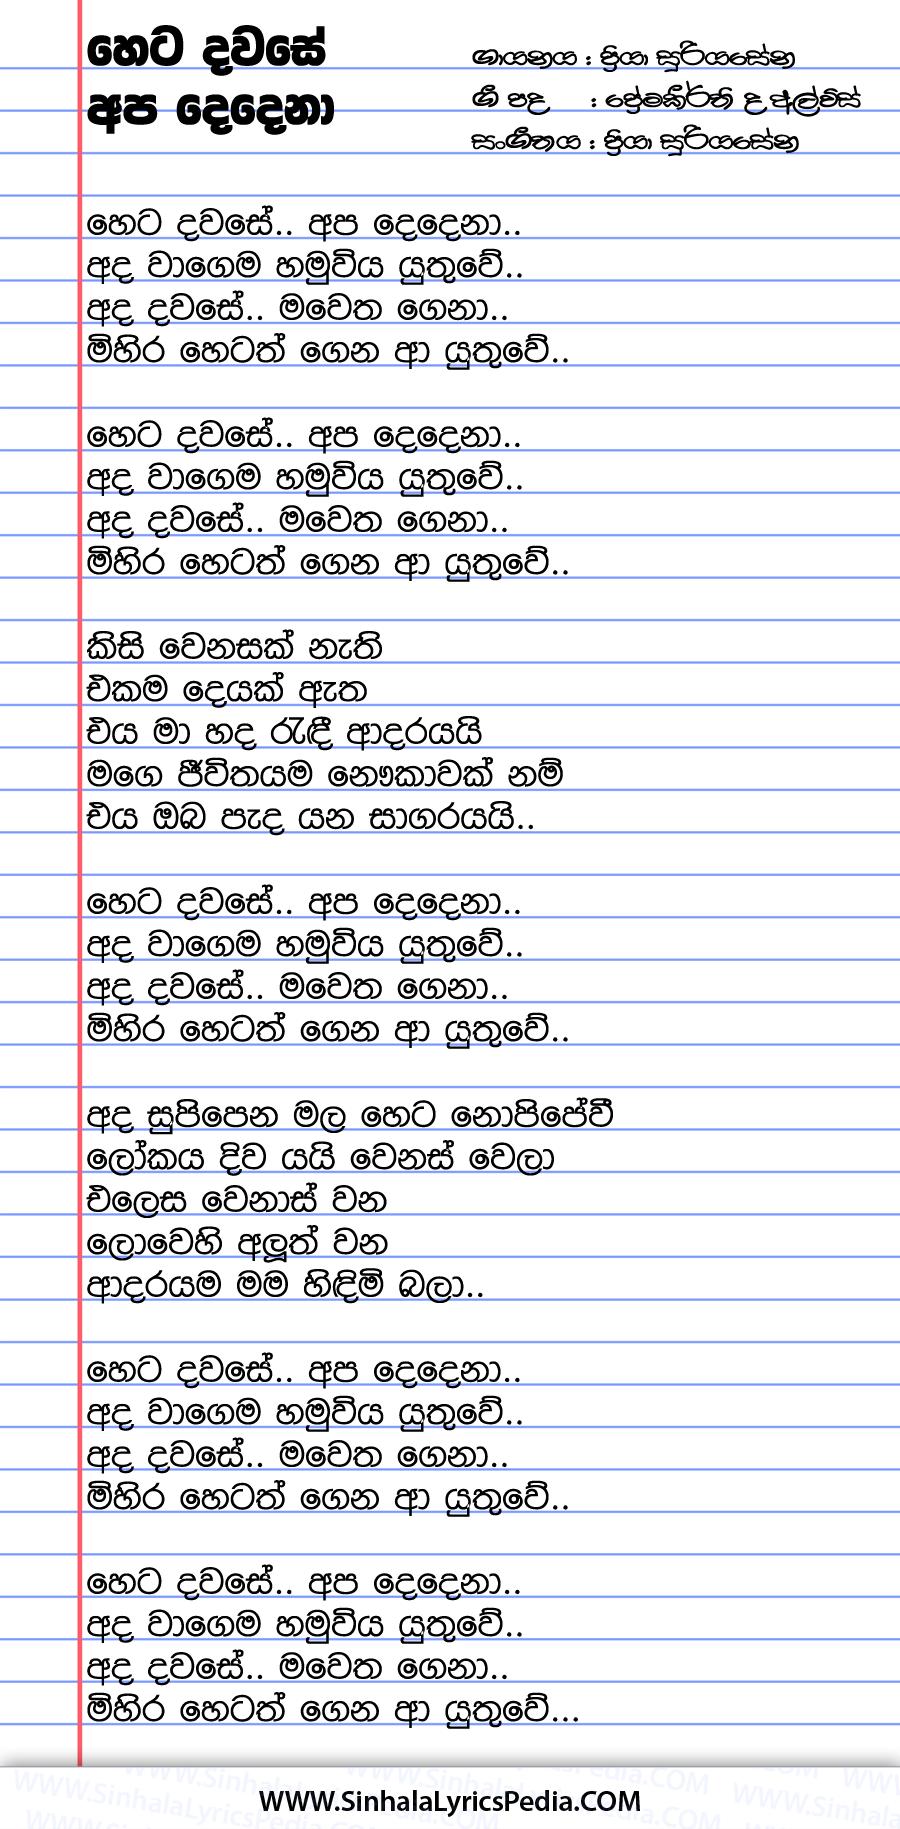 Heta Dawase Apa Dedena Song Lyrics